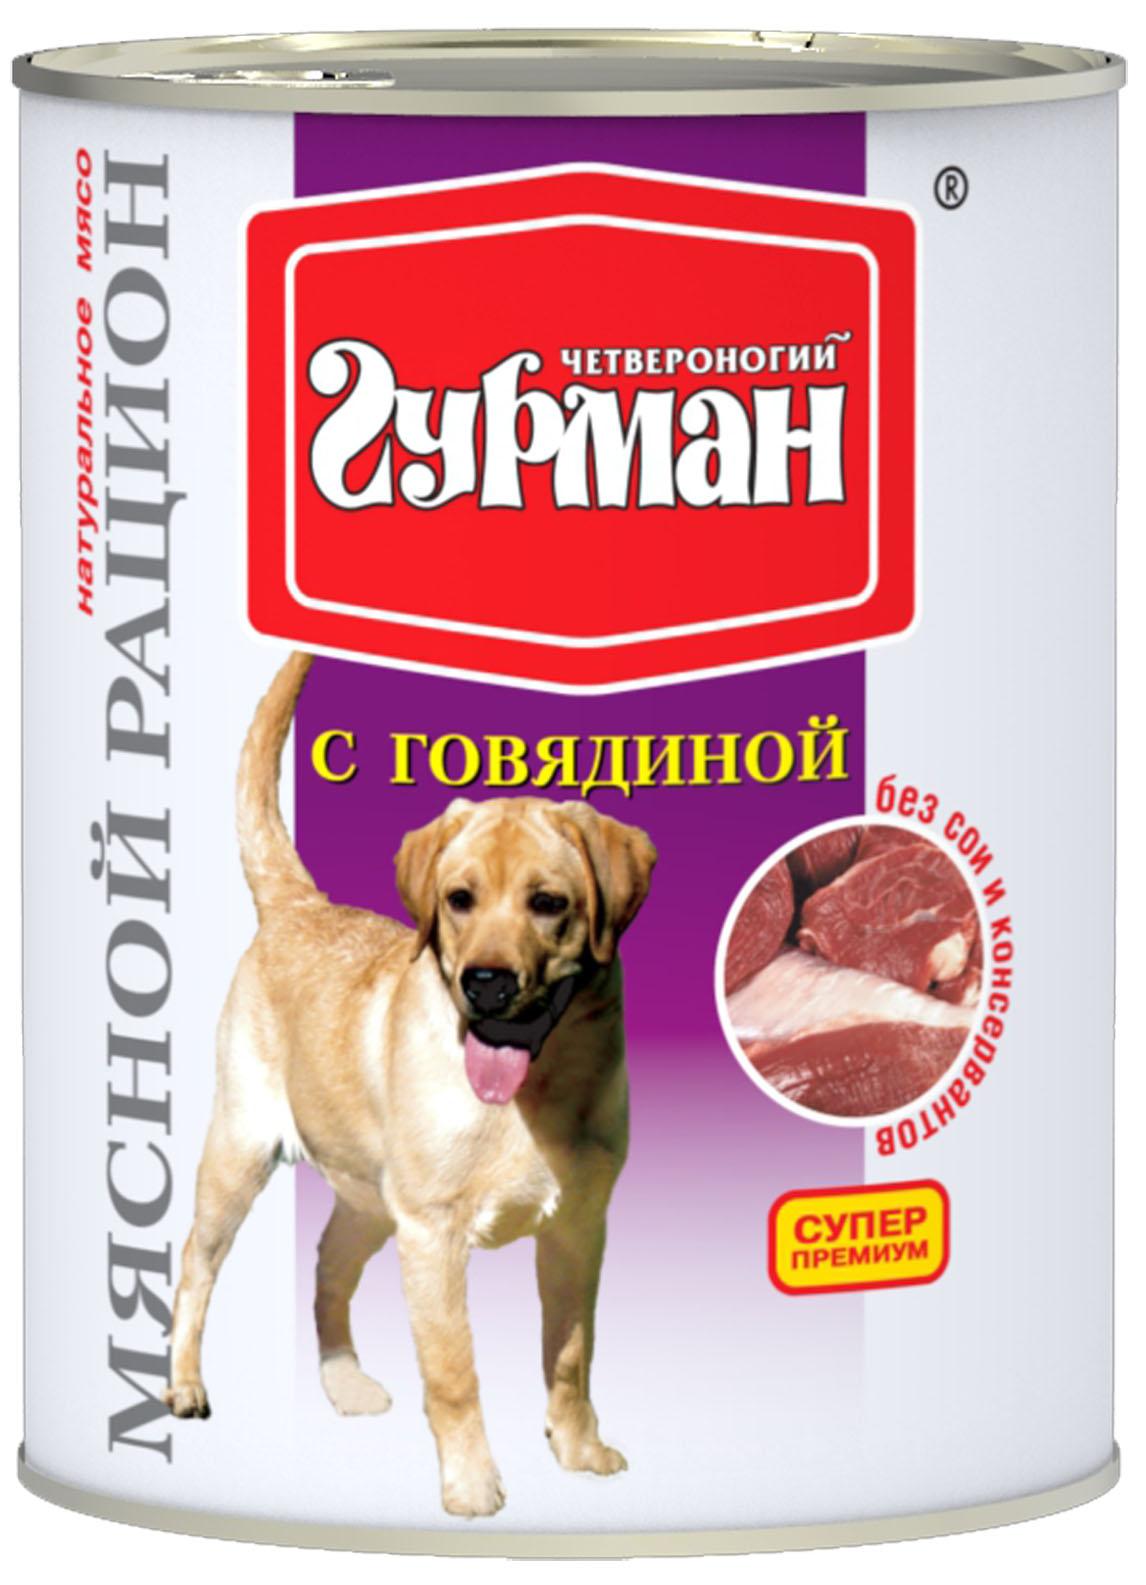 Консервы для собак Четвероногий Гурман Мясной рацион, с говядиной, 850 г11907Консервы Четвероногий Гурман Мясной рацион - влажные мясные консервы суперпремиум класса для собак. Изготовлены из мяса и субпродуктов, дополнительно содержат желирующую добавку, растительное масло и незначительное количество соли. Корм отличается крупной степенью измельченности, что повышает его привлекательность для собак крупных пород. Корм по новейшей технологии на современном оборудовании, что позволяет строго следить за его качеством. Специальная щадящая технология обработки компонентов позволяет сохранить максимальное количество витаминов, микроэлементов и питательных веществ, необходимых любой собаке. Корм производится из высококачественного натурального мяса, без добавления сои, ароматизаторов и красителей, имеет отличный вкус и привлекательный аромат. Такие консервы вы можете давать собаке как отдельно, так и смешивая их с кашей или овощами. Консервы Четвероногий Гурман Мясной рацион - прекрасное и вкусное дополнение к рациону вашего...